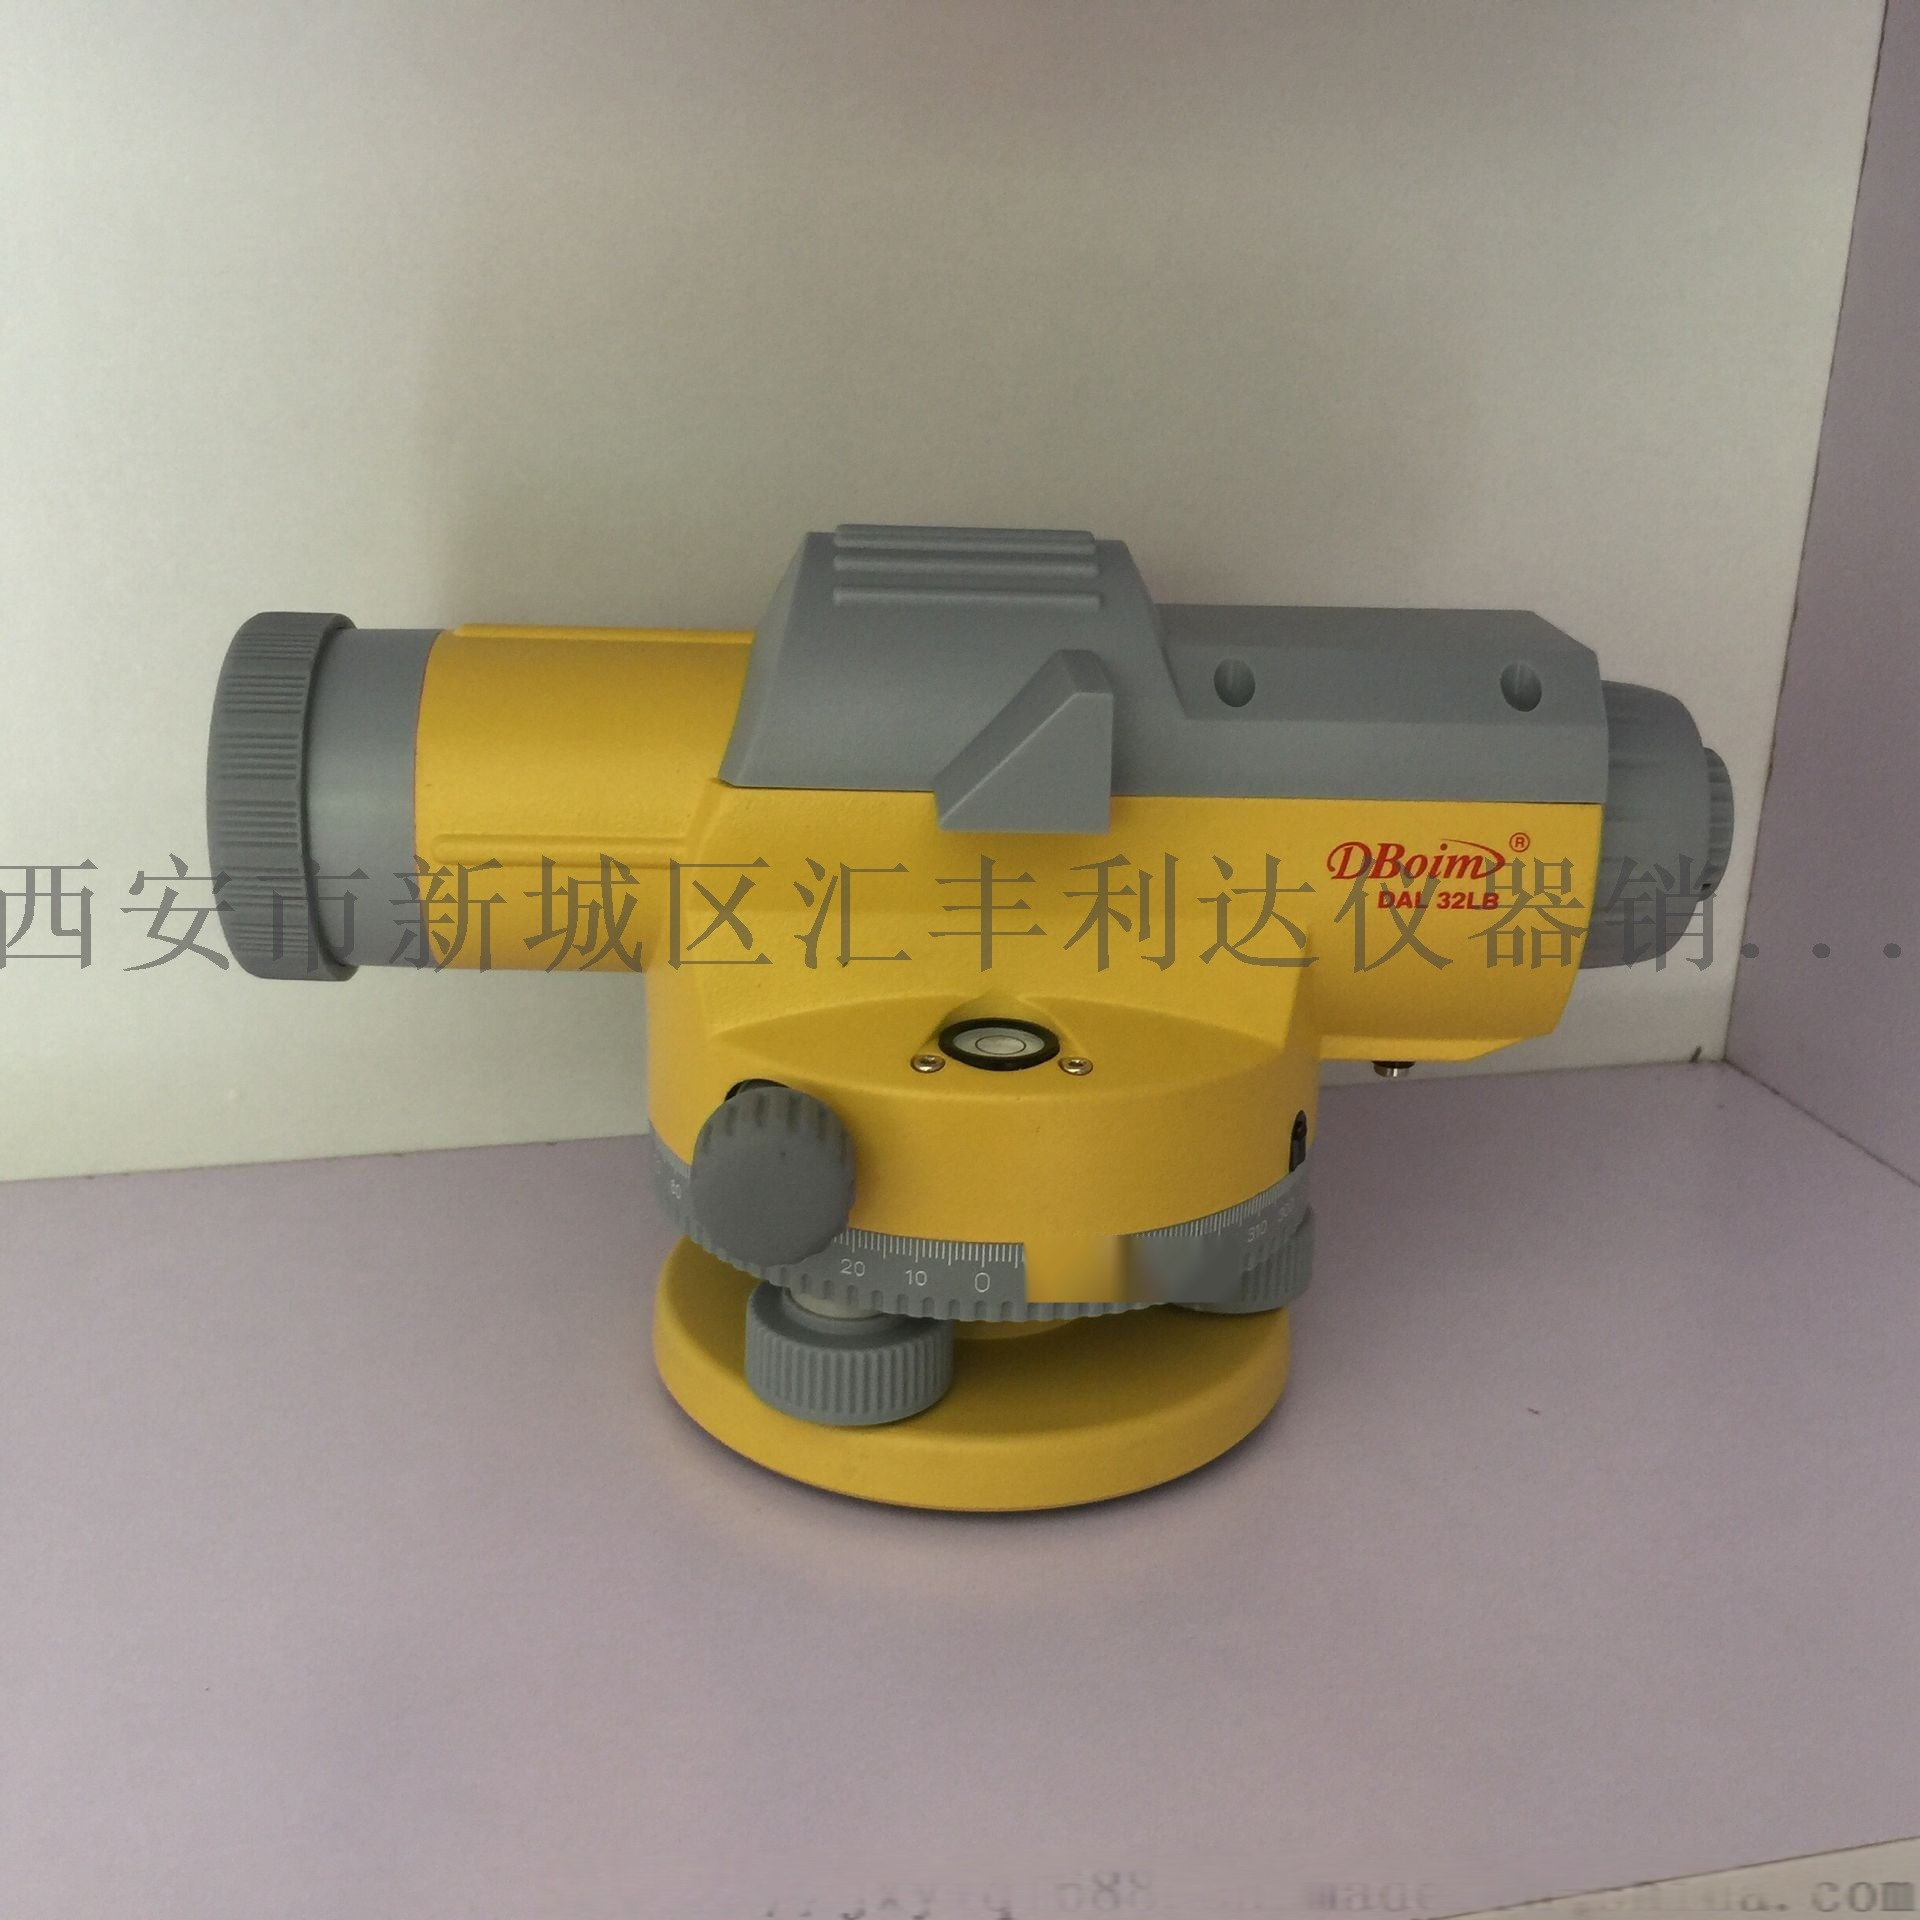 西安哪余維修校準測量儀器13659259282807042915